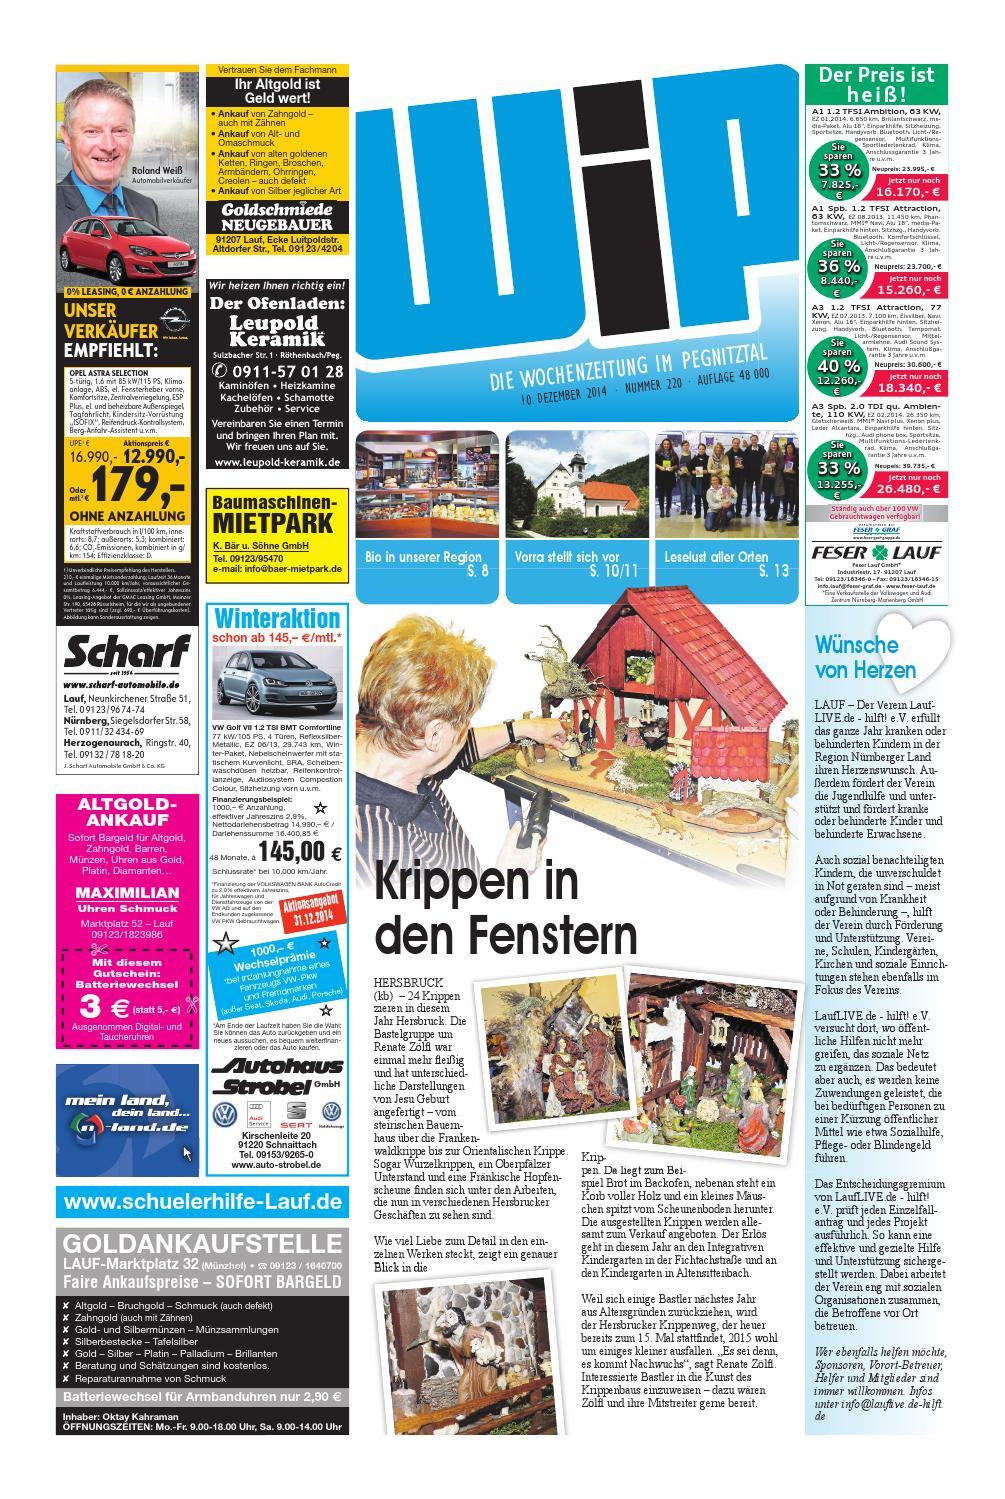 WiP 10.12.2014 by Pfeiffer Medienfabrik GmbH & Co. KG - issuu